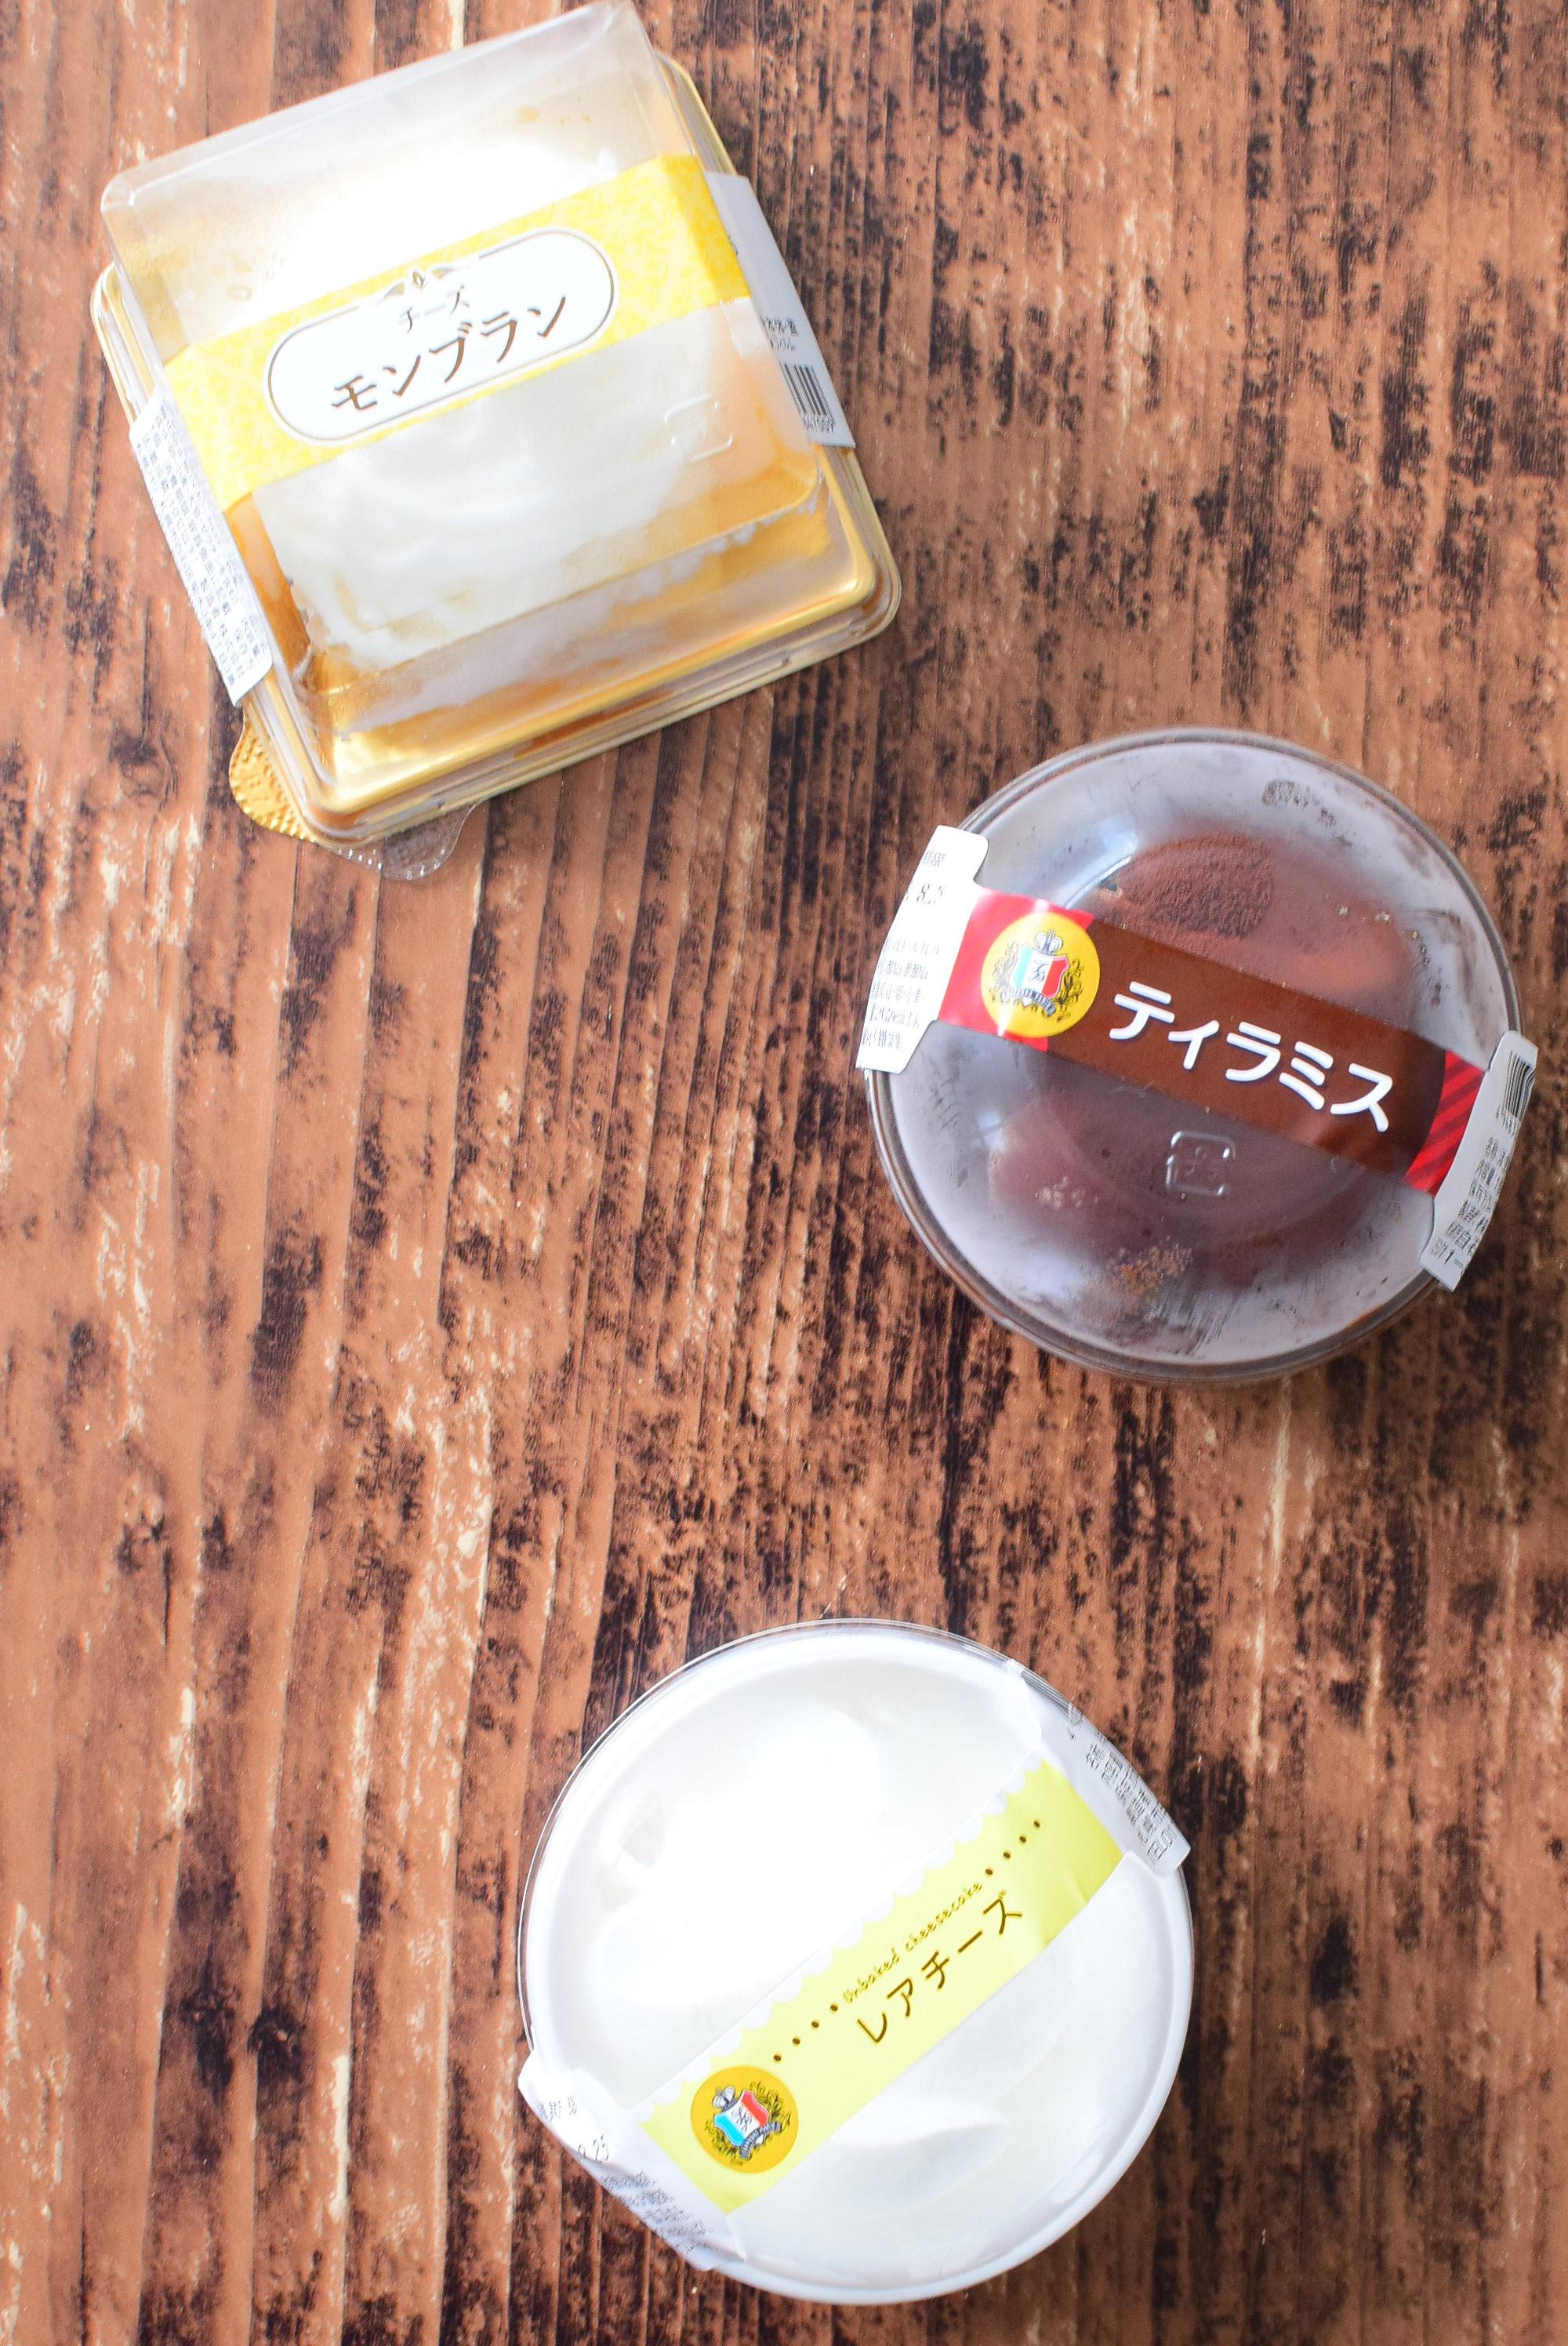 札幌パリのスイーツ!ティラミス、レアチーズ、チーズモンブランの食レポ